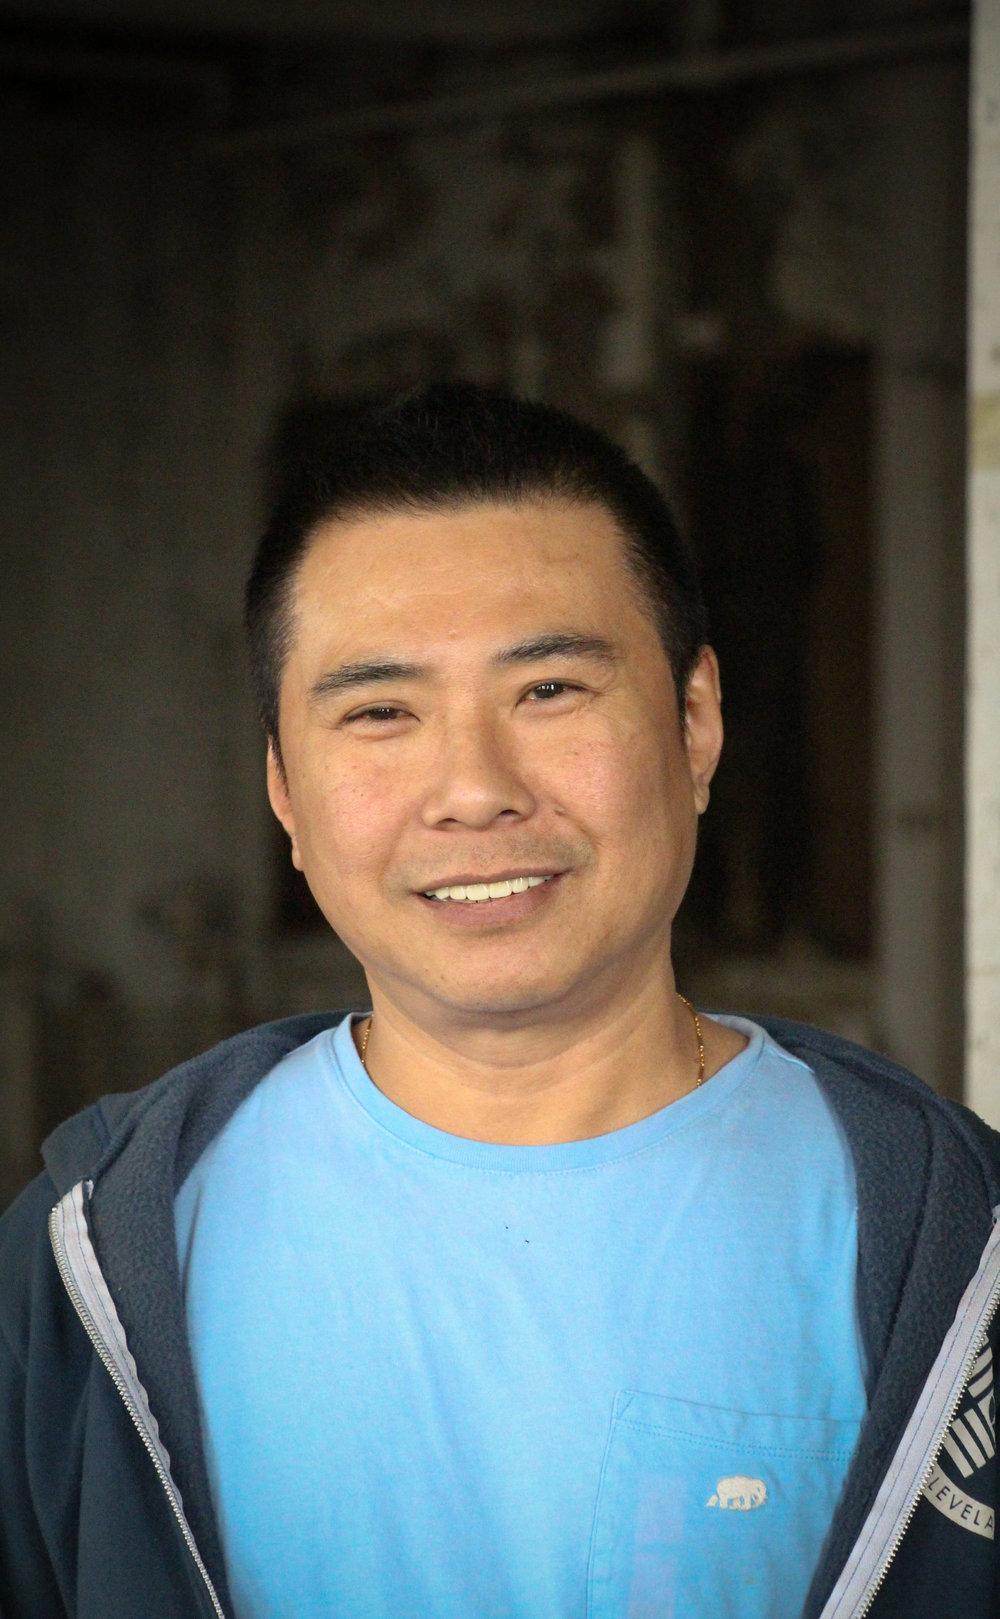 Khoe Phan /  Shop Foreman   kphan@rustbeltreclamation.com